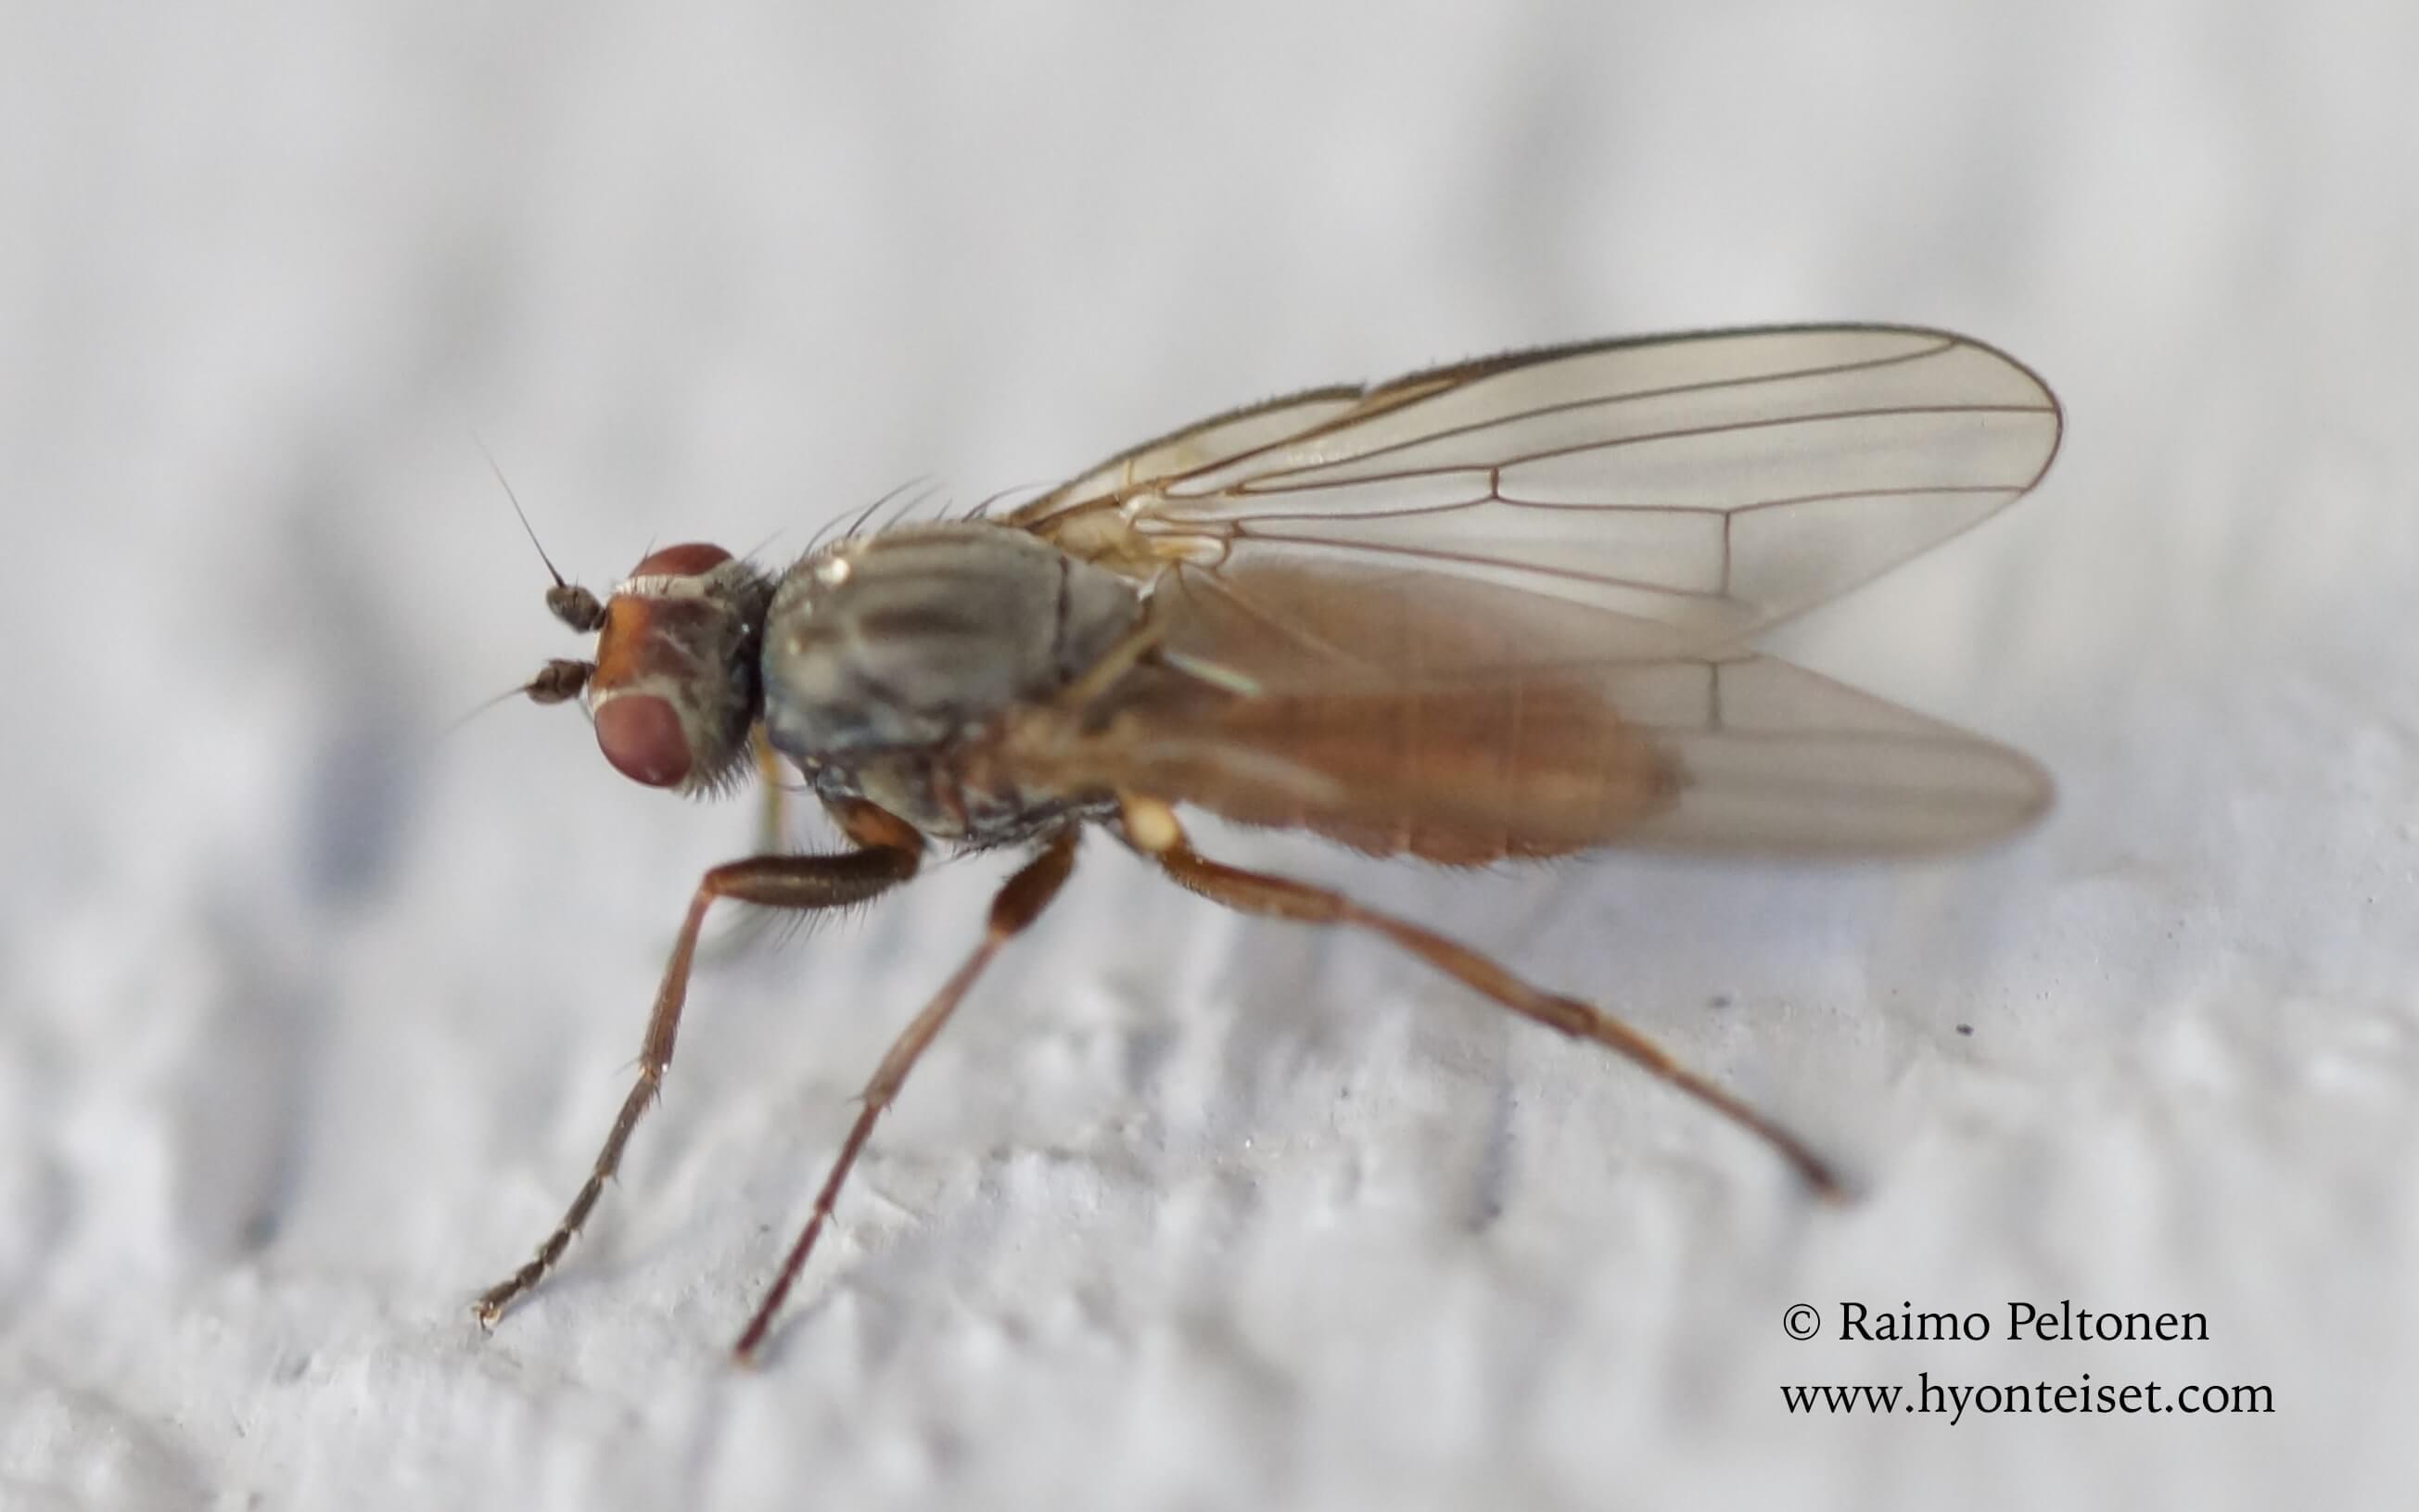 Heleomyza serrata (conf. Andrzej Woznica), 11.3.2017 Jyväskylä